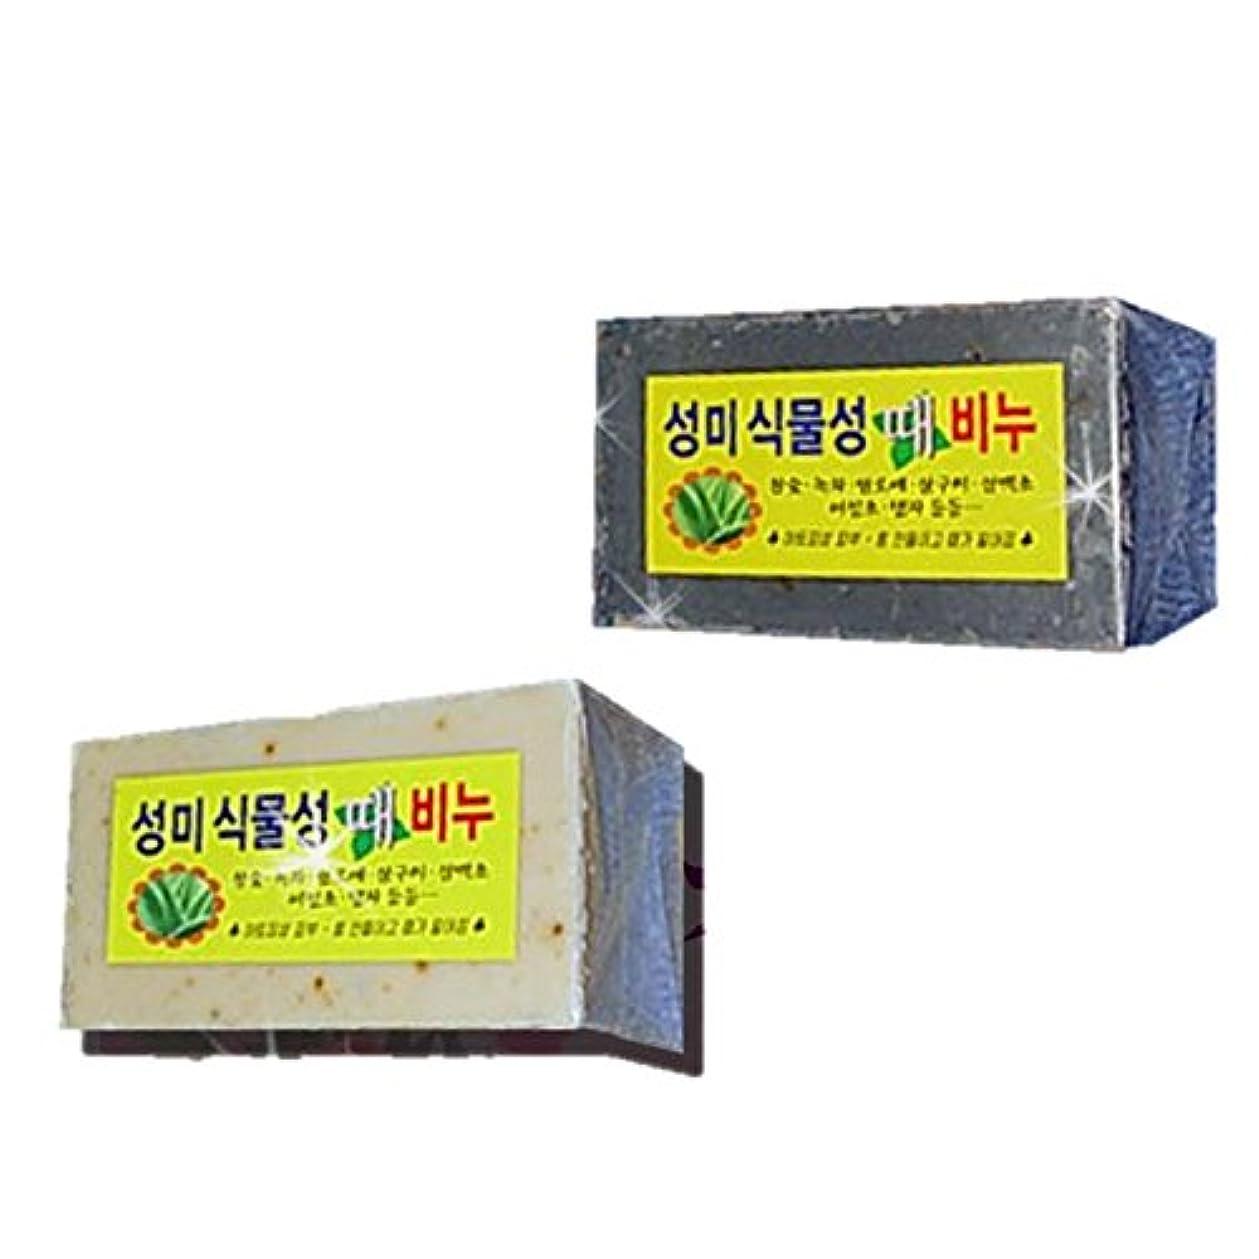 肯定的世紀貫通(韓国ブランド) 植物性 垢すり石鹸 (あかすりソープ) (5個)